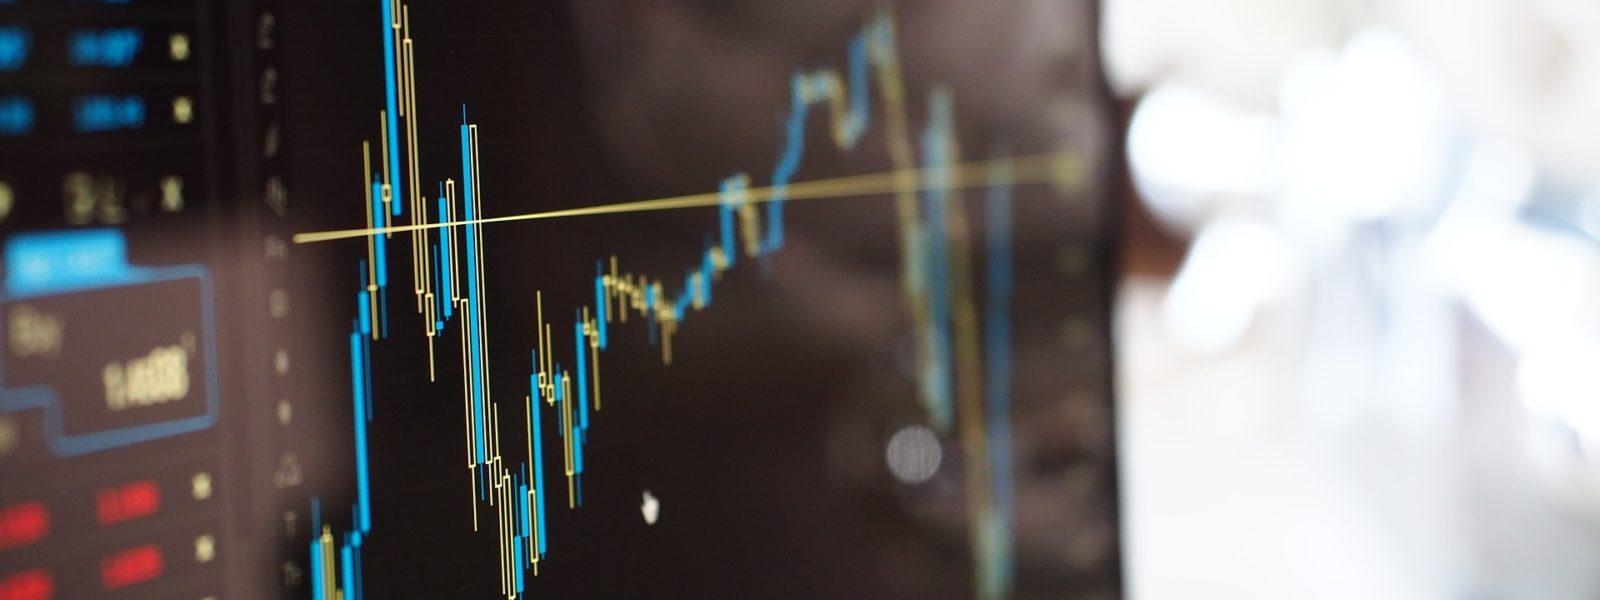 Úrokové sazby nadále rostou, aktuálně útočí na hranici 3%